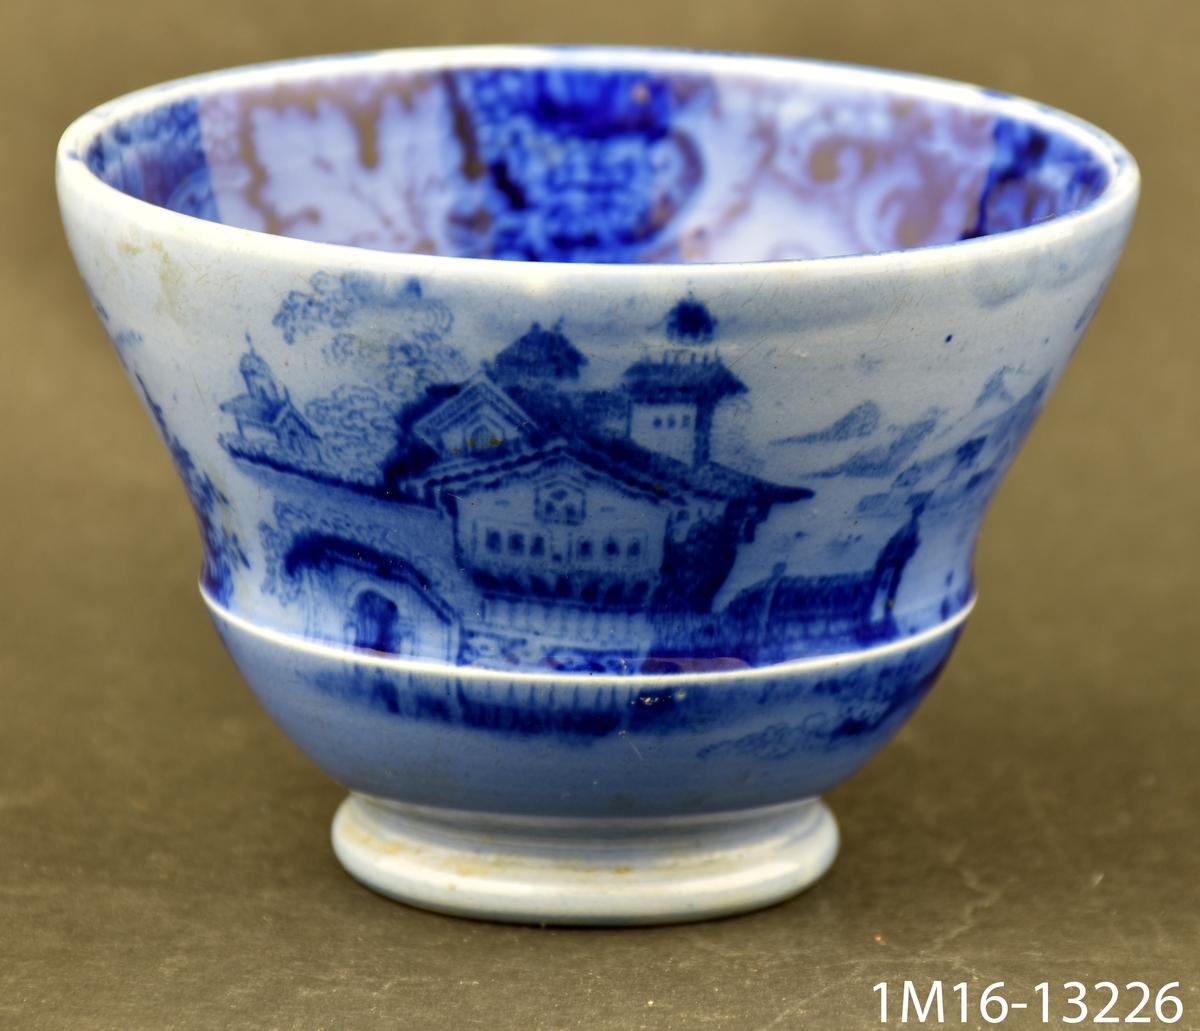 Kopp med flytande blå tryckt dekor med byggnader, landskap och ornamentik med vinranka.